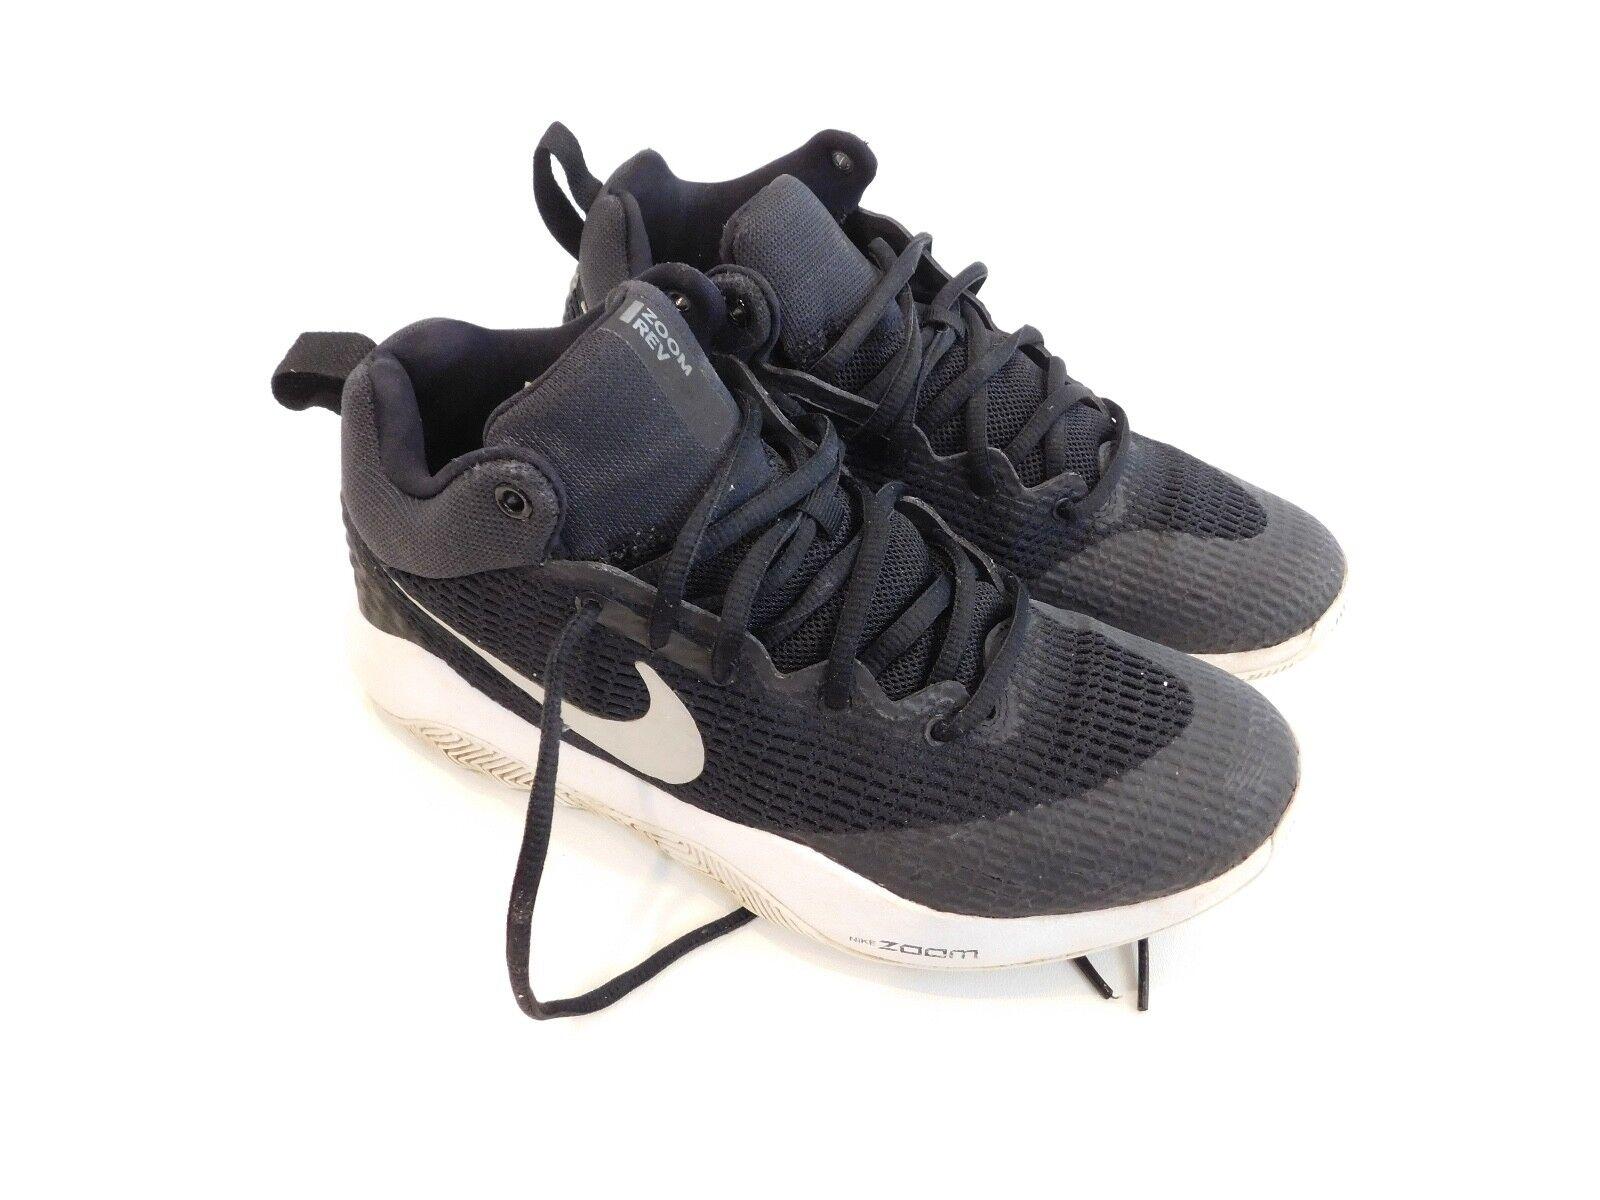 Nike zoom riv tbc mens mens mens basket 8 (le donne scarpe numero 9,5) bianco nero | Il Prezzo Ragionevole  9fd0b5